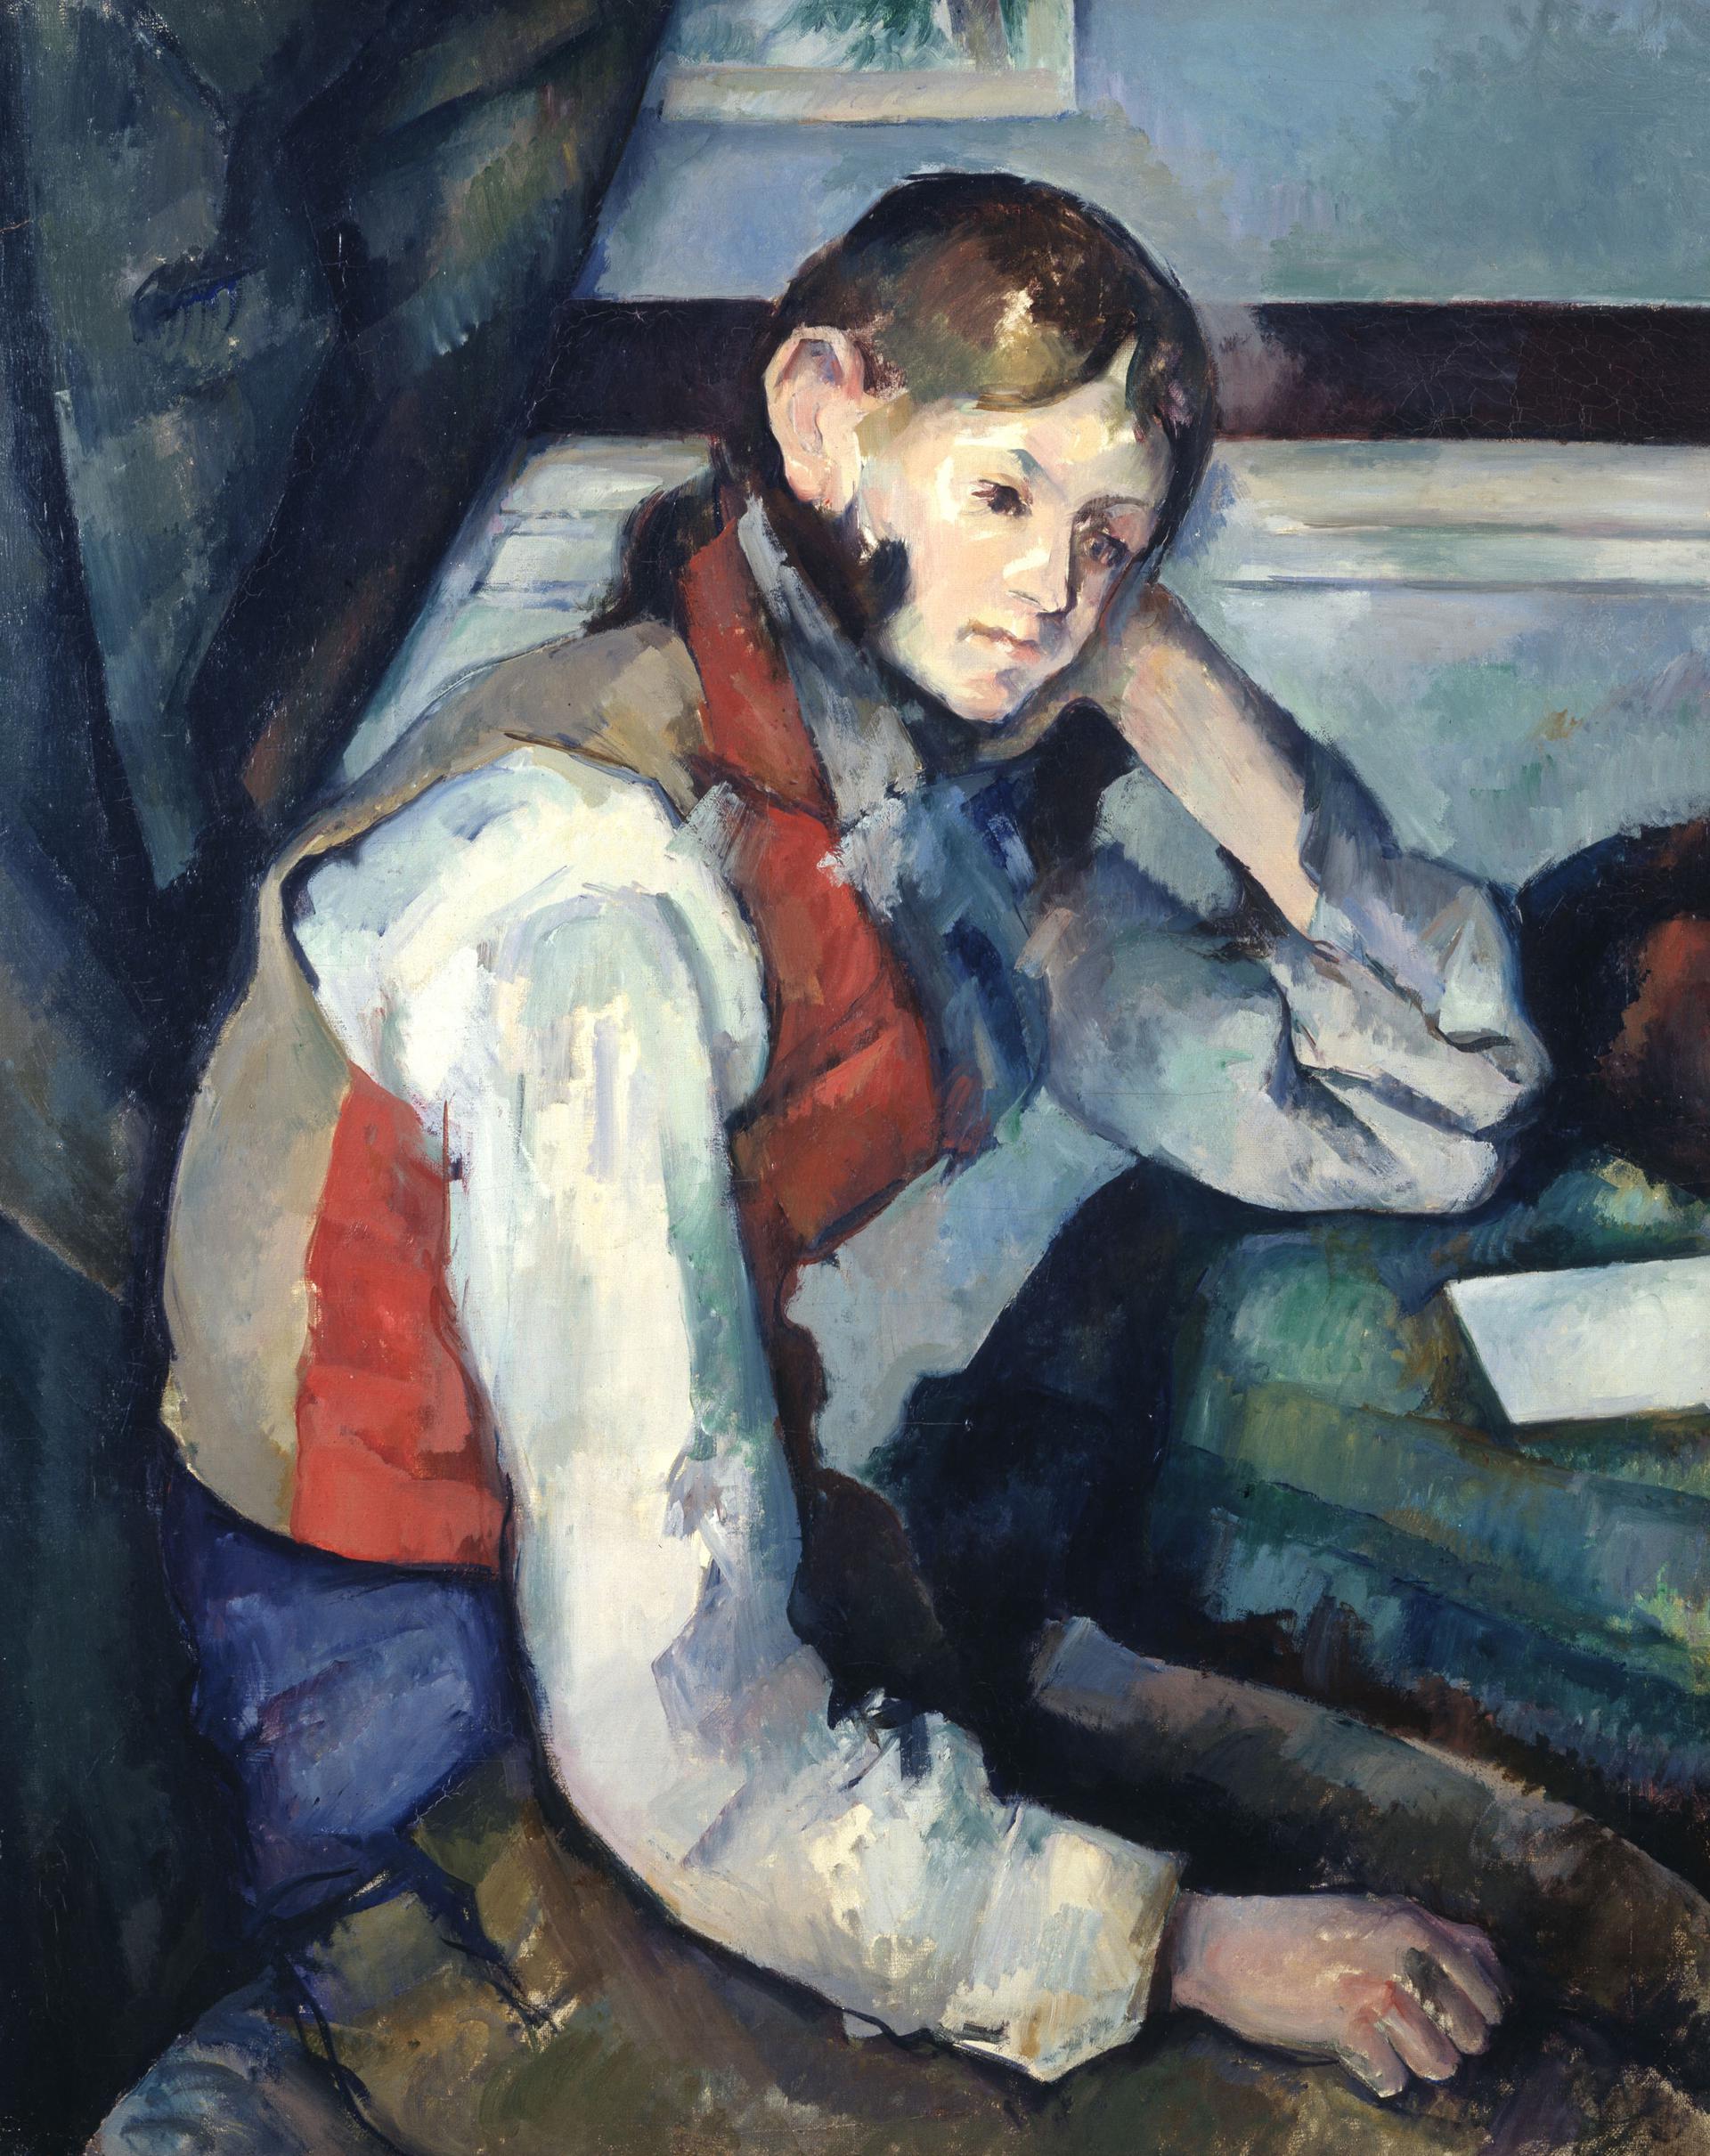 Paul Cézanne_Le Garçon au gilet rouge (Il ragazzo con il gilet rosso) 1888/1890 Olio su tela 79.5 x 64 cm Collezione Emil Bührle  Crediti fotografici: SIK-ISEA, Zürich (J.-P. Kuhn)